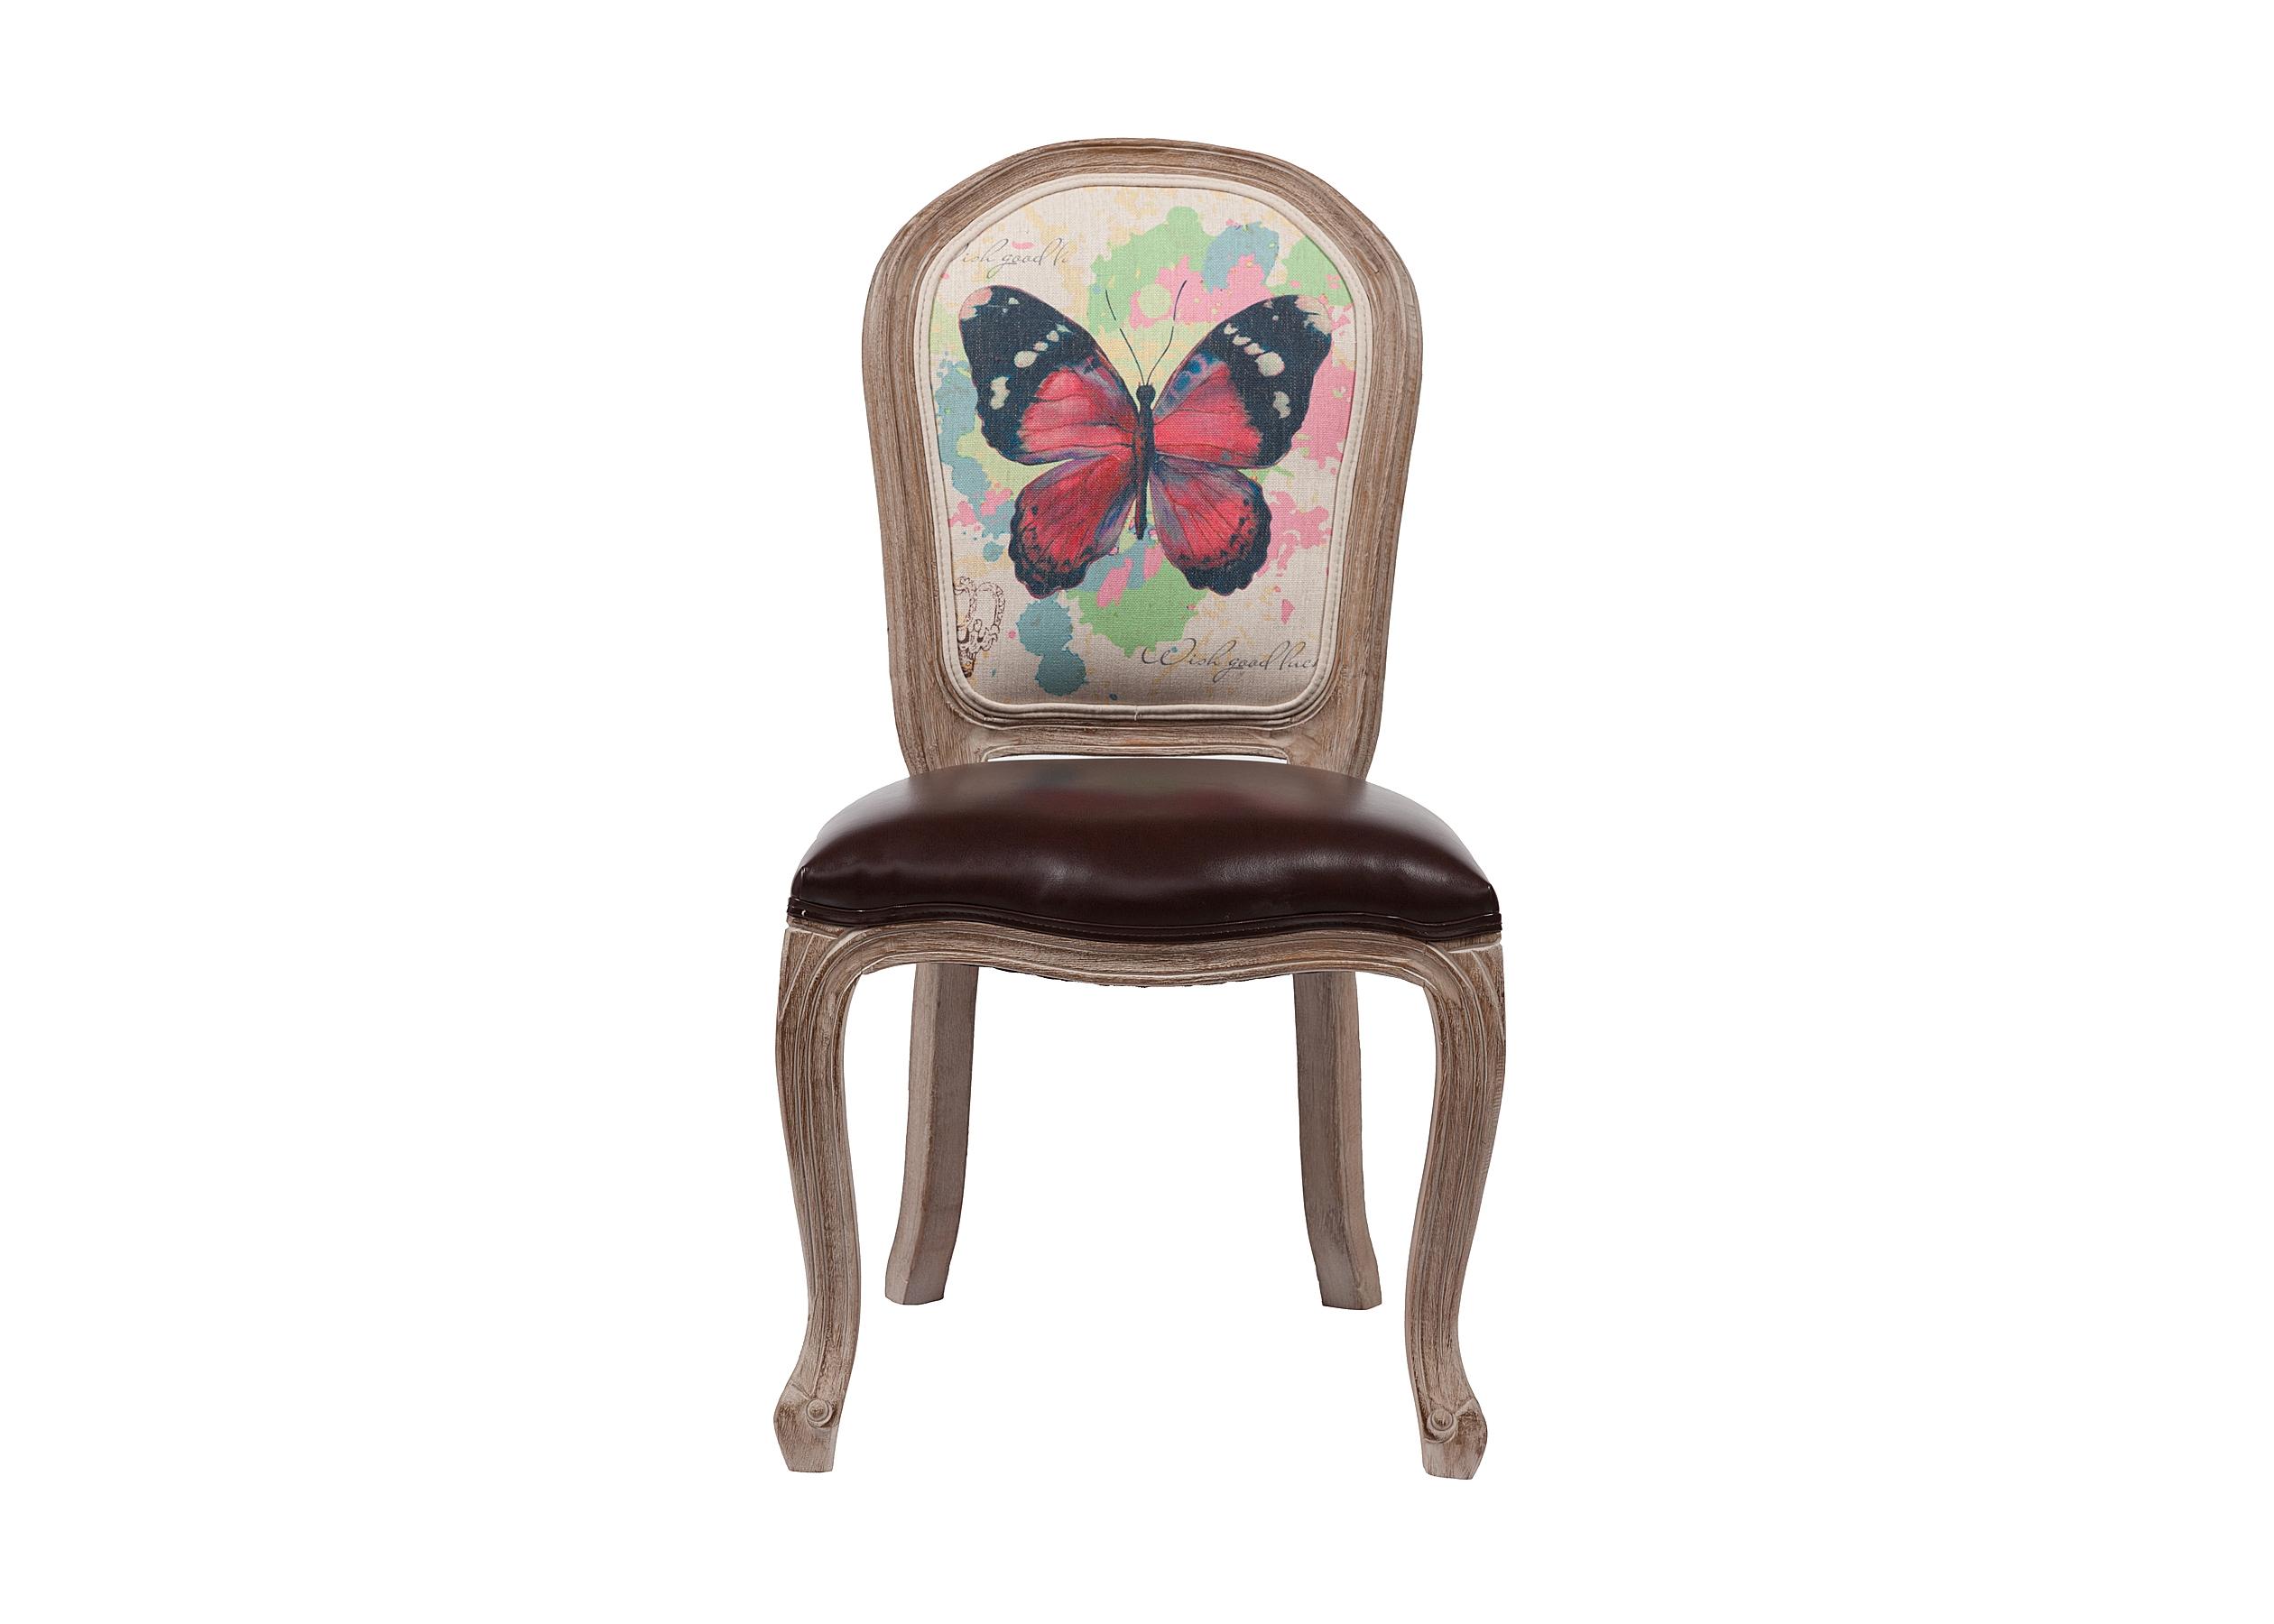 Стул Wish Good LuckОбеденные стулья<br>Основание: береза.&amp;lt;div&amp;gt;Обивка: поролон, экокожа, лён/хлопок.&amp;lt;/div&amp;gt;&amp;lt;div&amp;gt;Высота стула от пола до сидения 49 см.&amp;lt;/div&amp;gt;<br><br>Material: Кожа<br>Width см: 46<br>Depth см: 55<br>Height см: 94